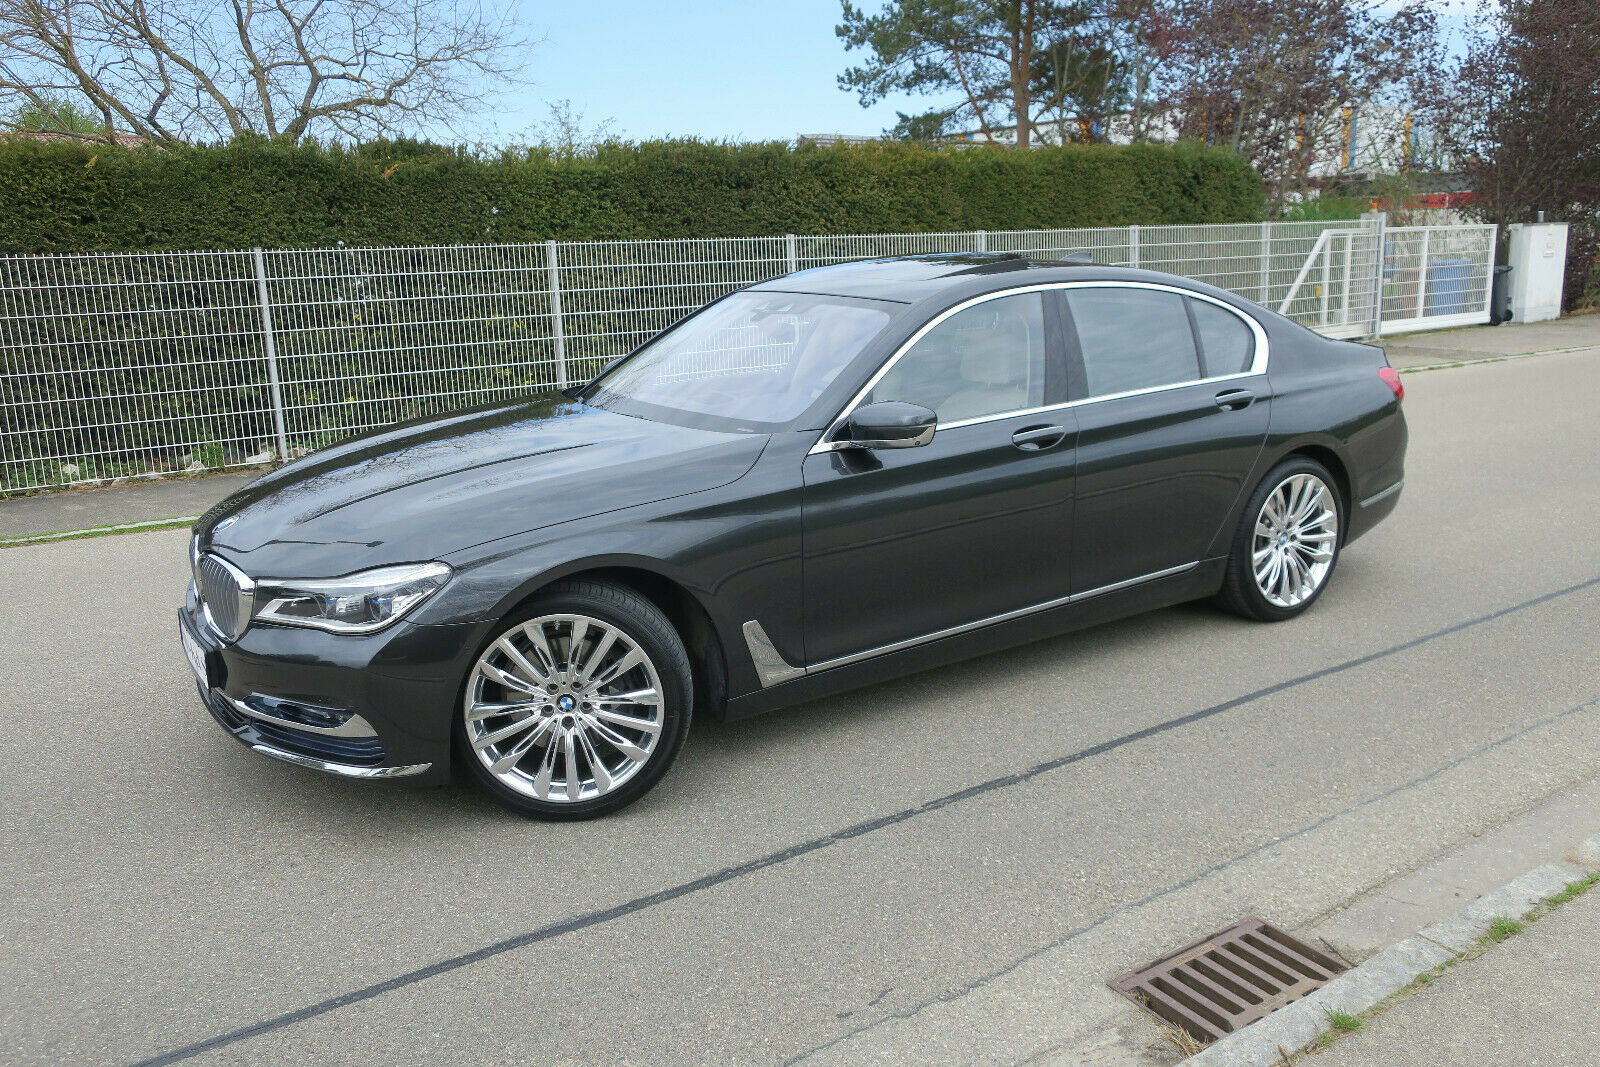 BMW 740 xd